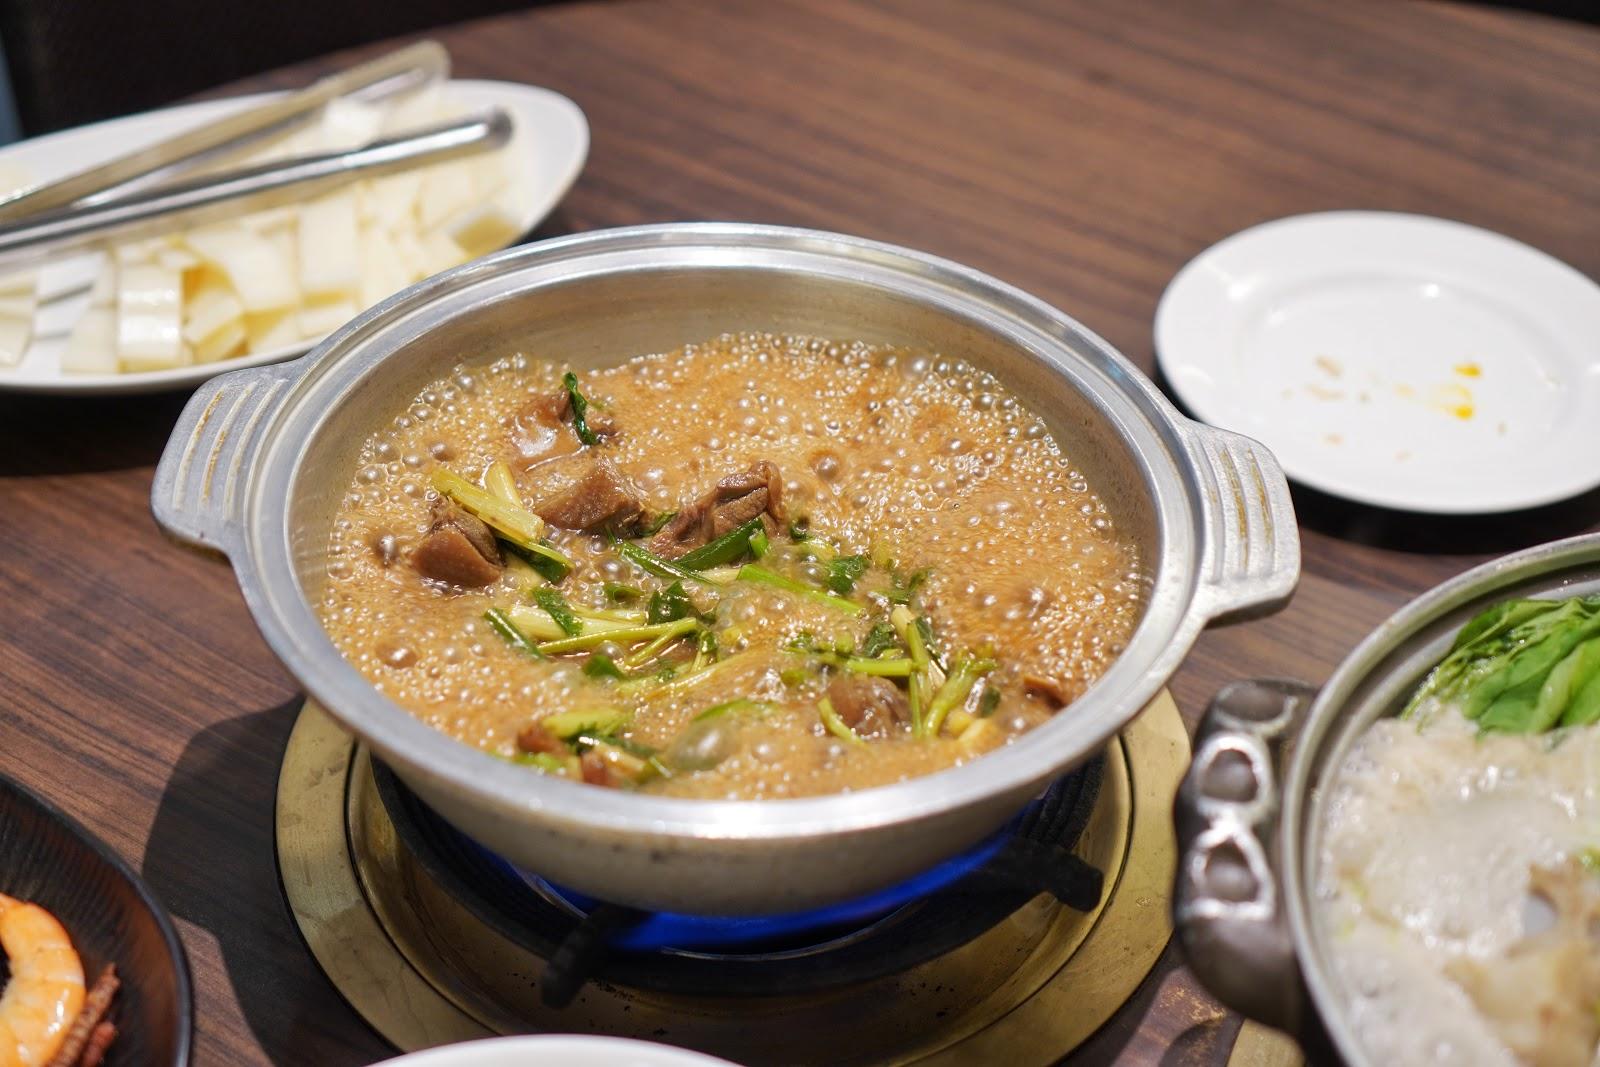 台南東區美食【廚房有雞花雕雞】正宗花雕雞